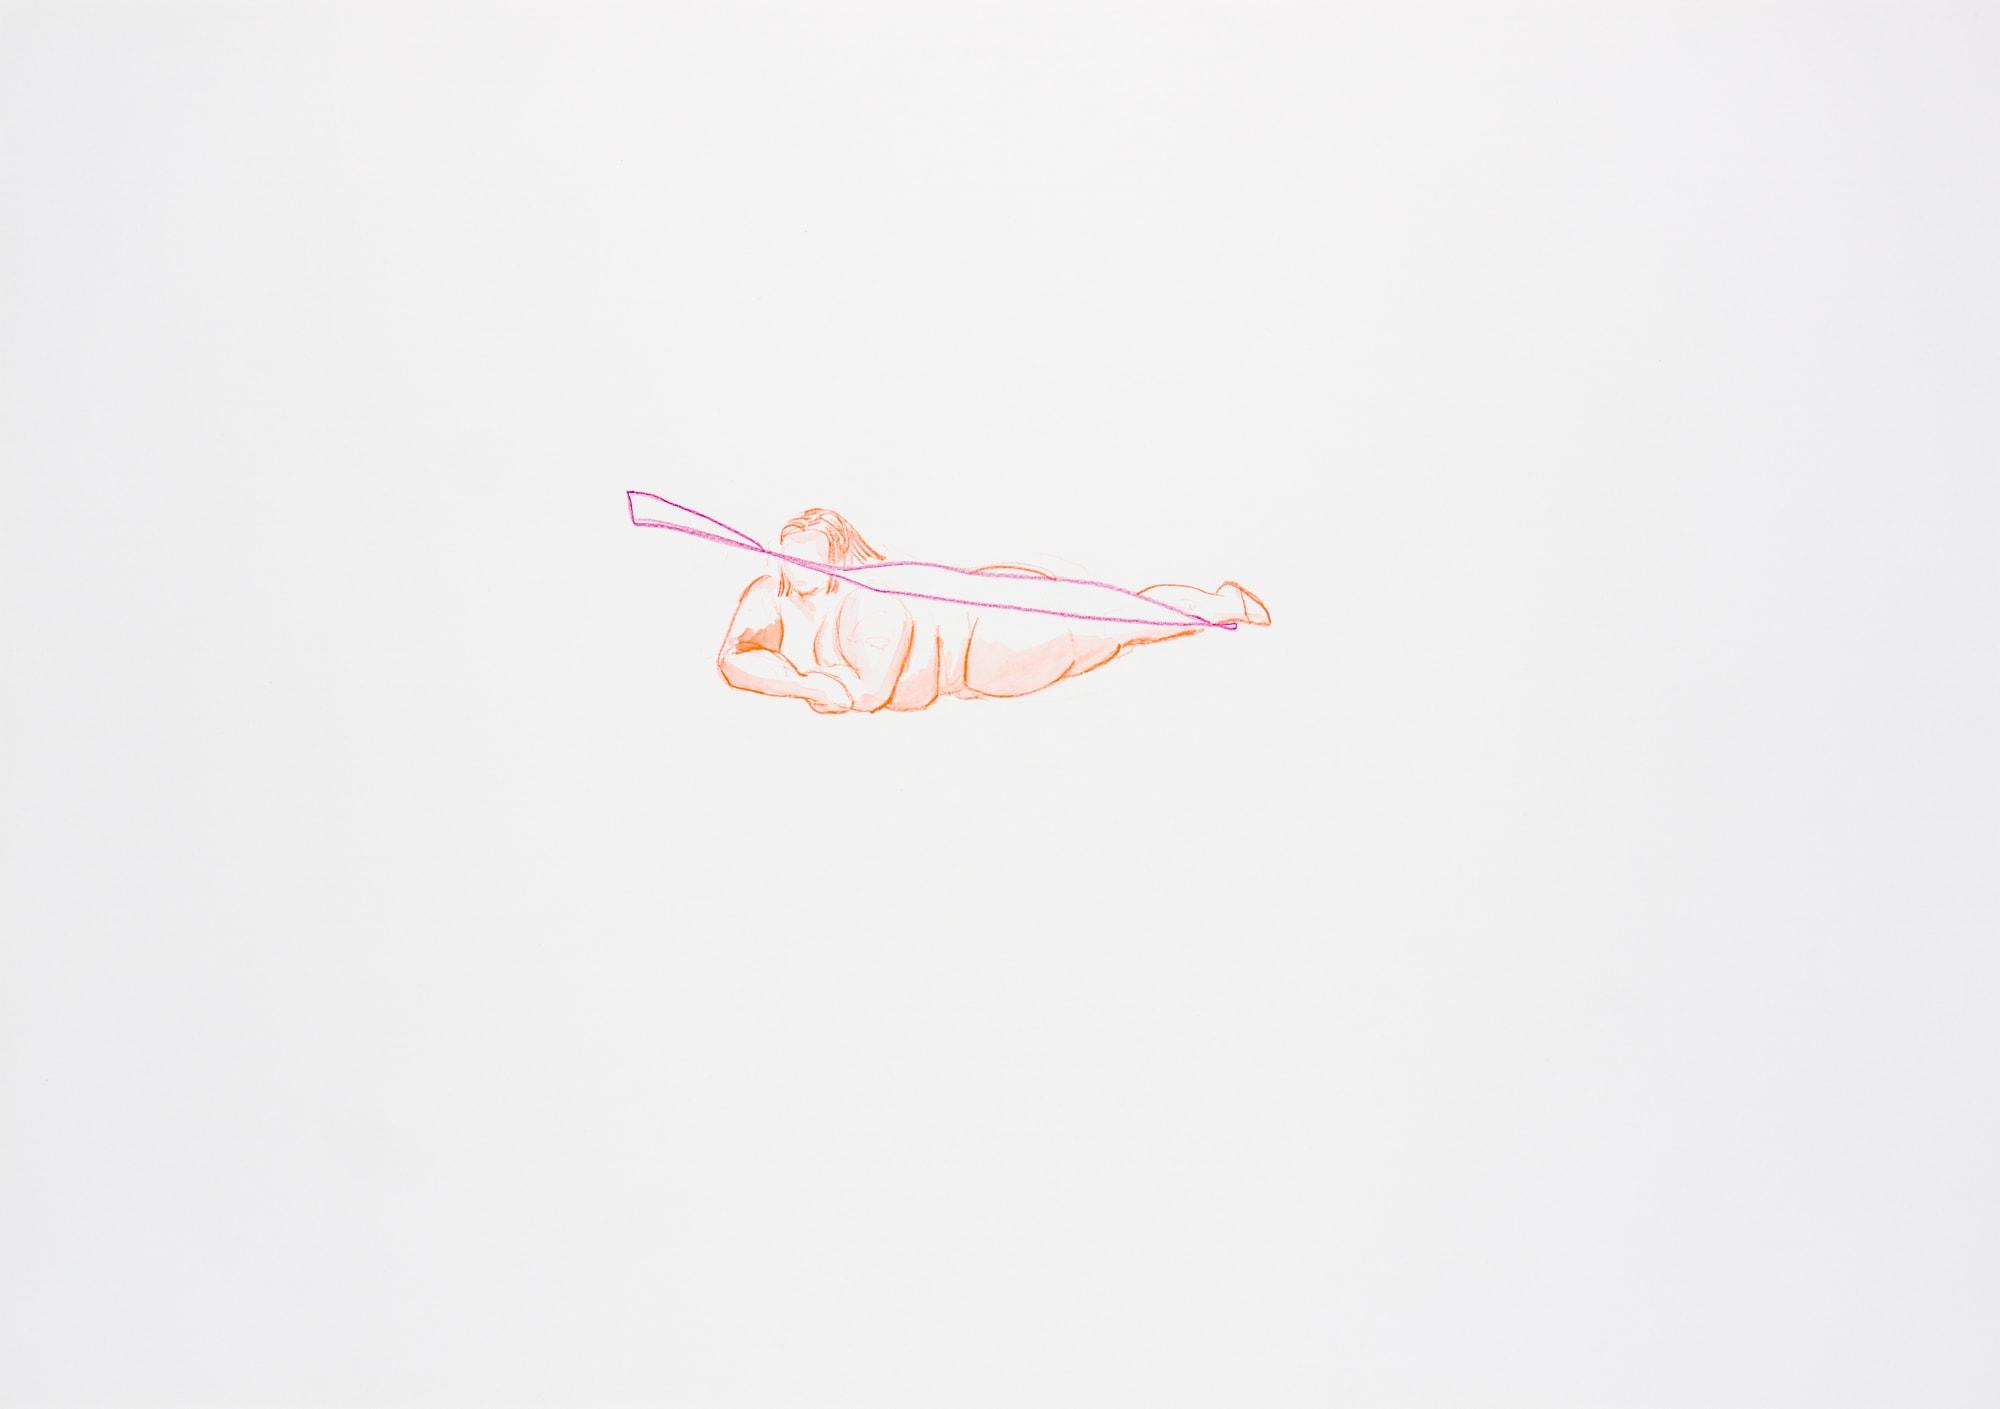 Zeichnung, Aquarell und Farbstift auf Papier, 59,4x42cm, Akt, Künstlerin: Franziska King